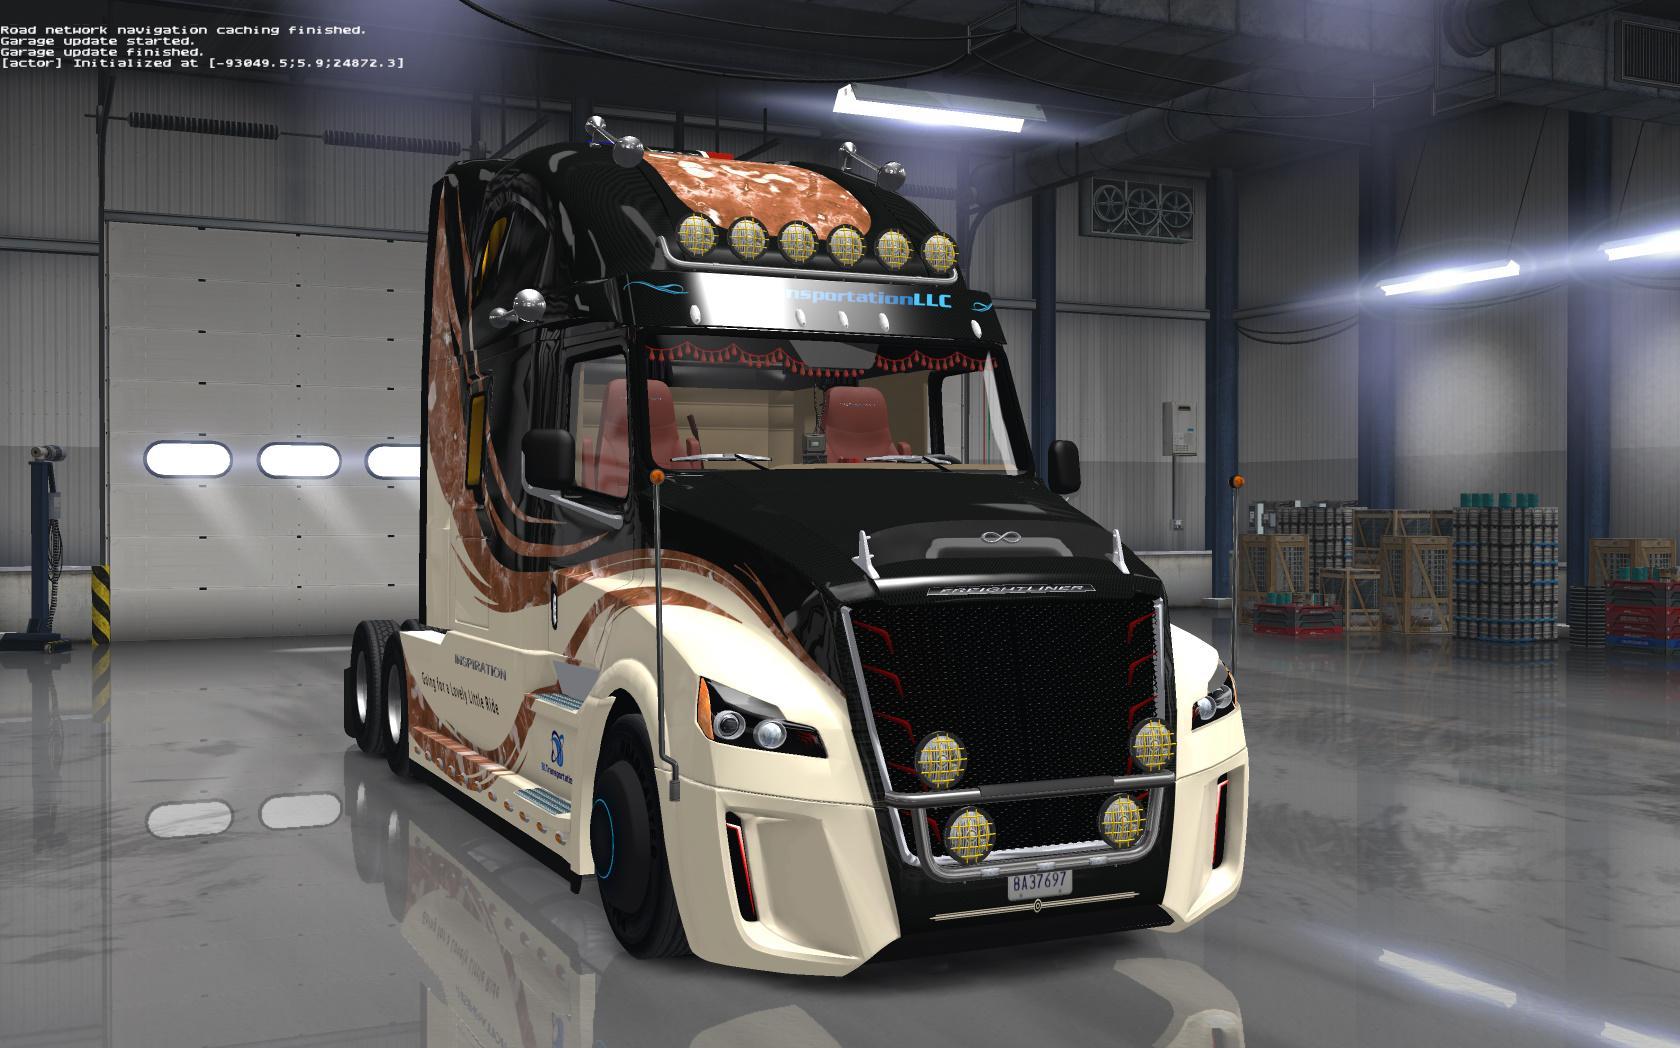 Freightliner Inspiration v 1.0 + SiSL's Mega Pack v2.5.1